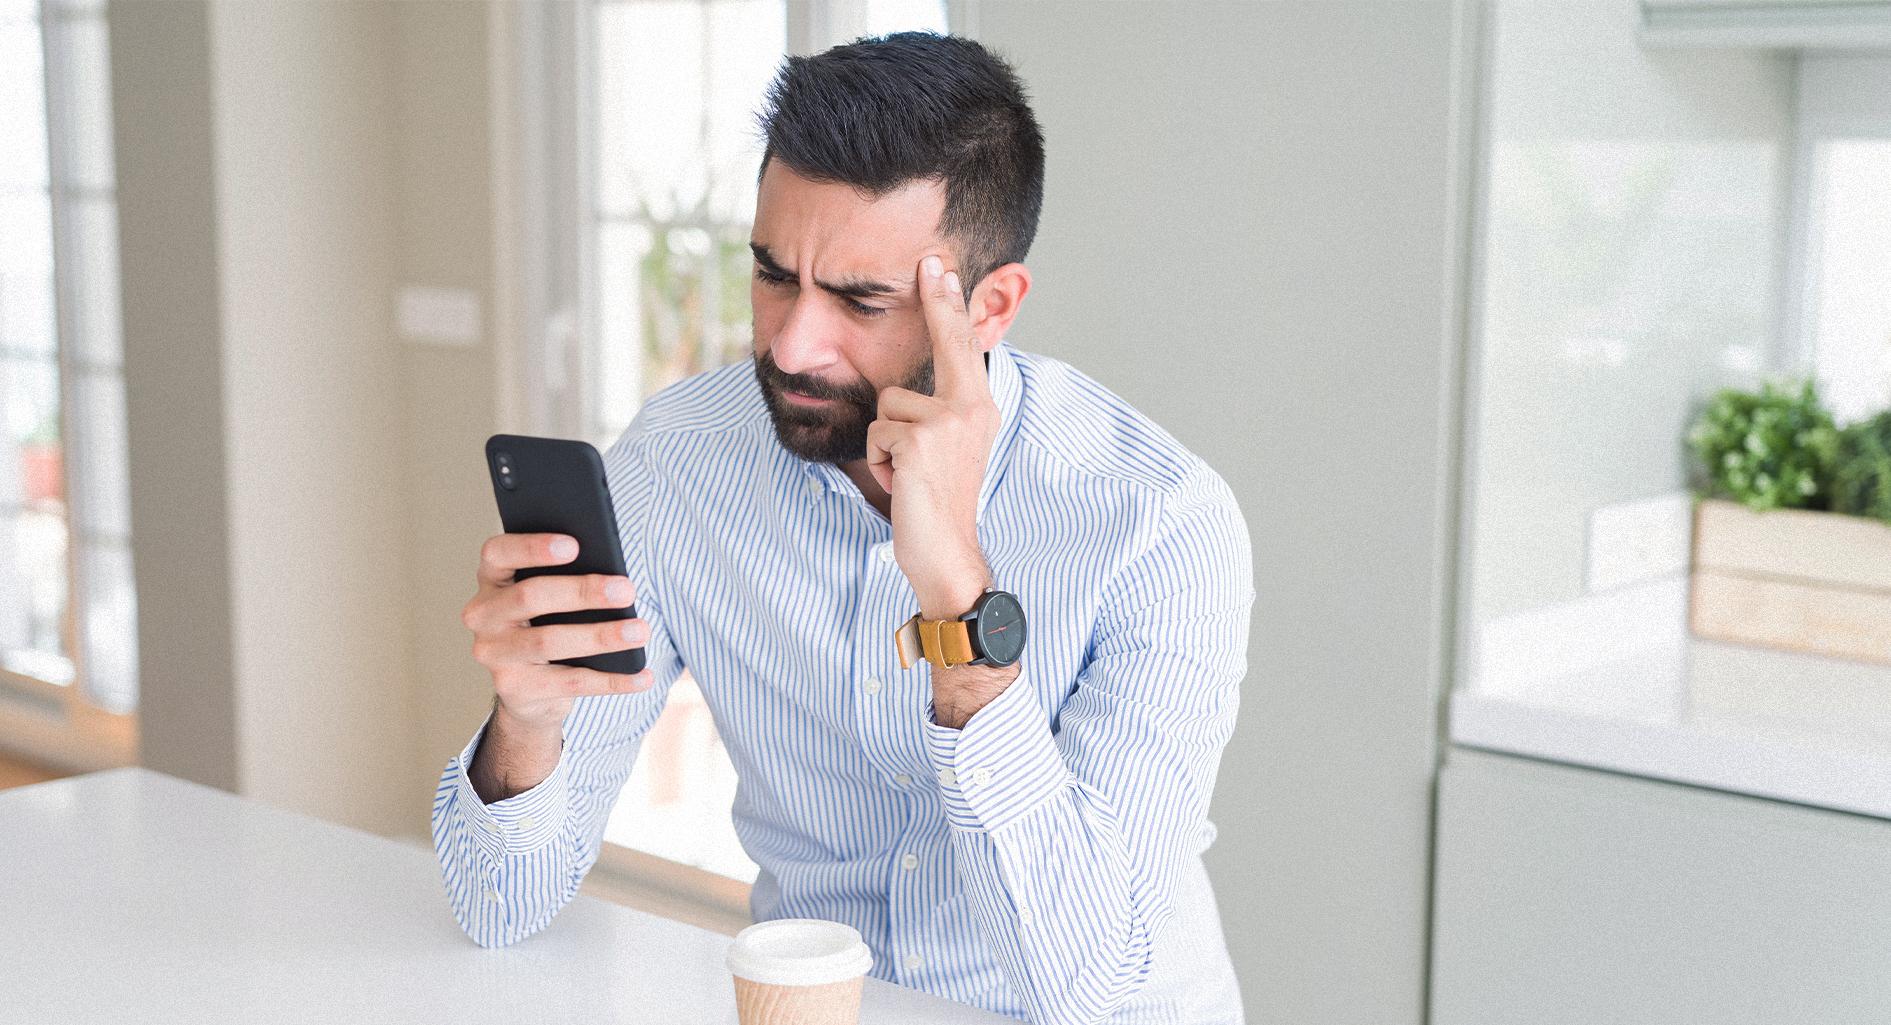 صورة شاب يرسل رسالة واتساب لصديقه كي يتصل به على تيليغرام لأن خط الخليوي لم يلتقط الاتصال